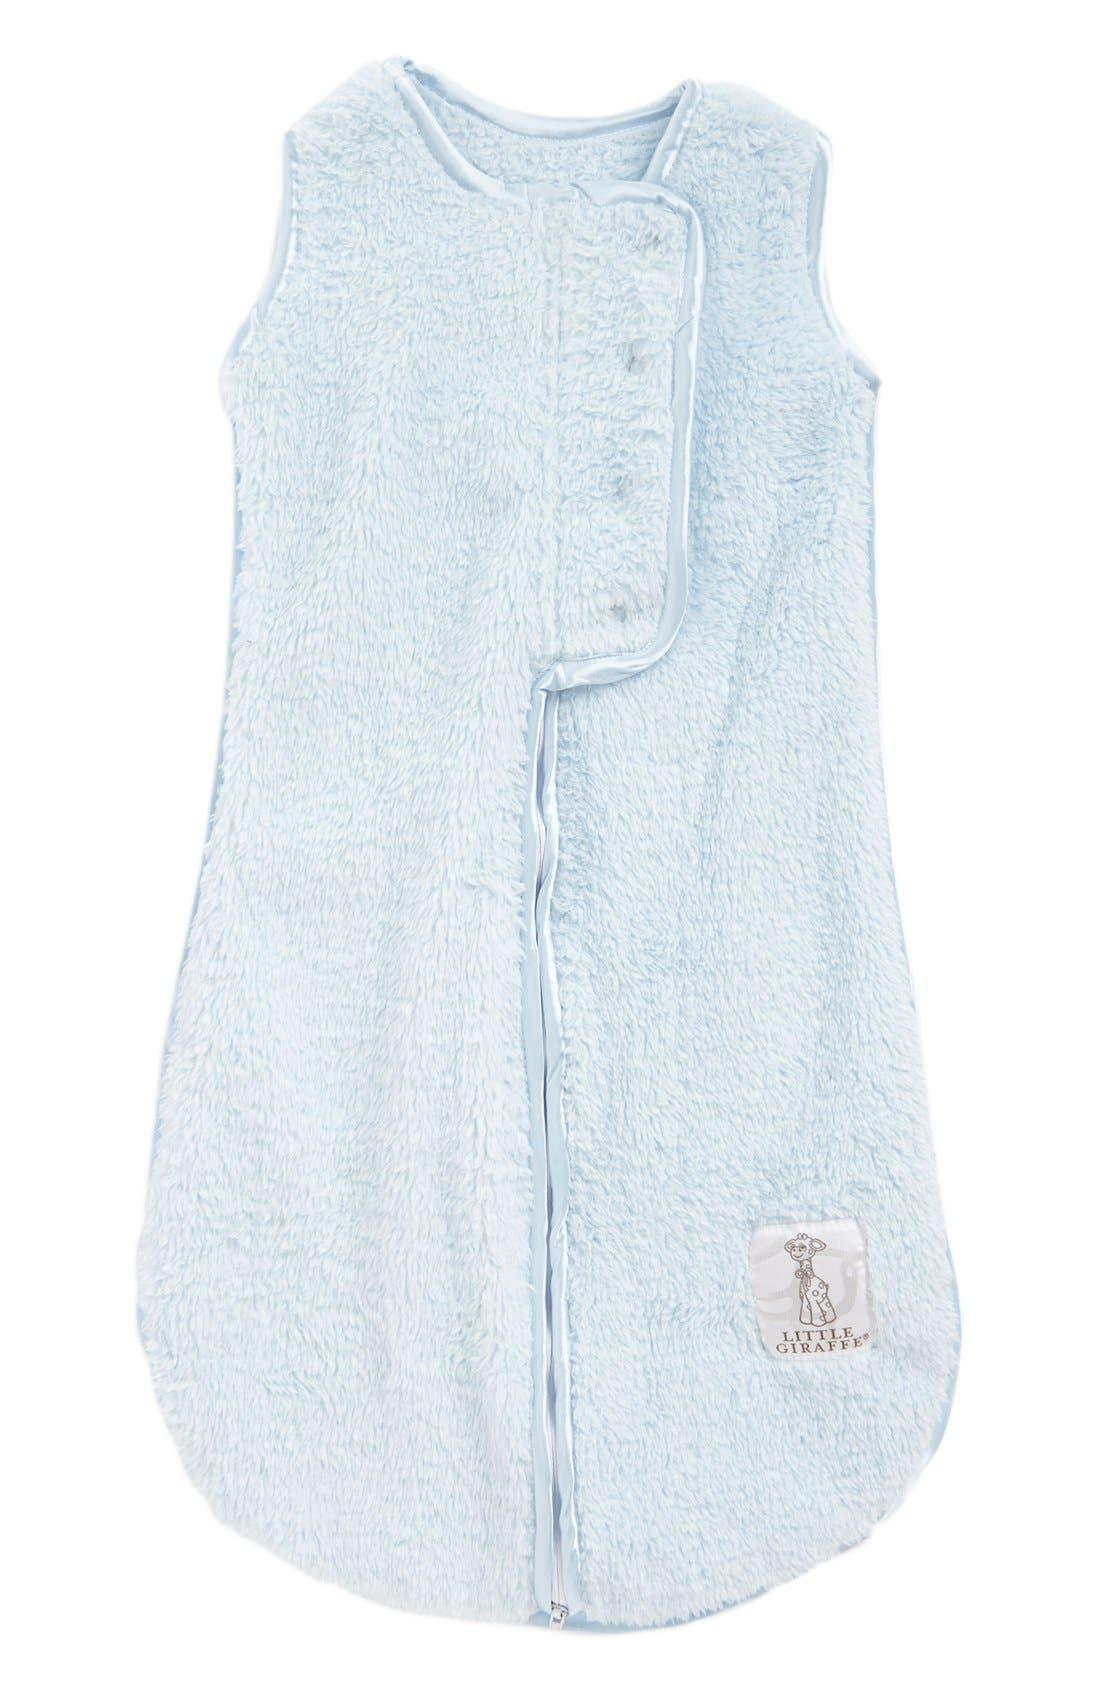 Main Image - Little Giraffe Dream Sack™ Chenille Wearable Blanket (Baby)